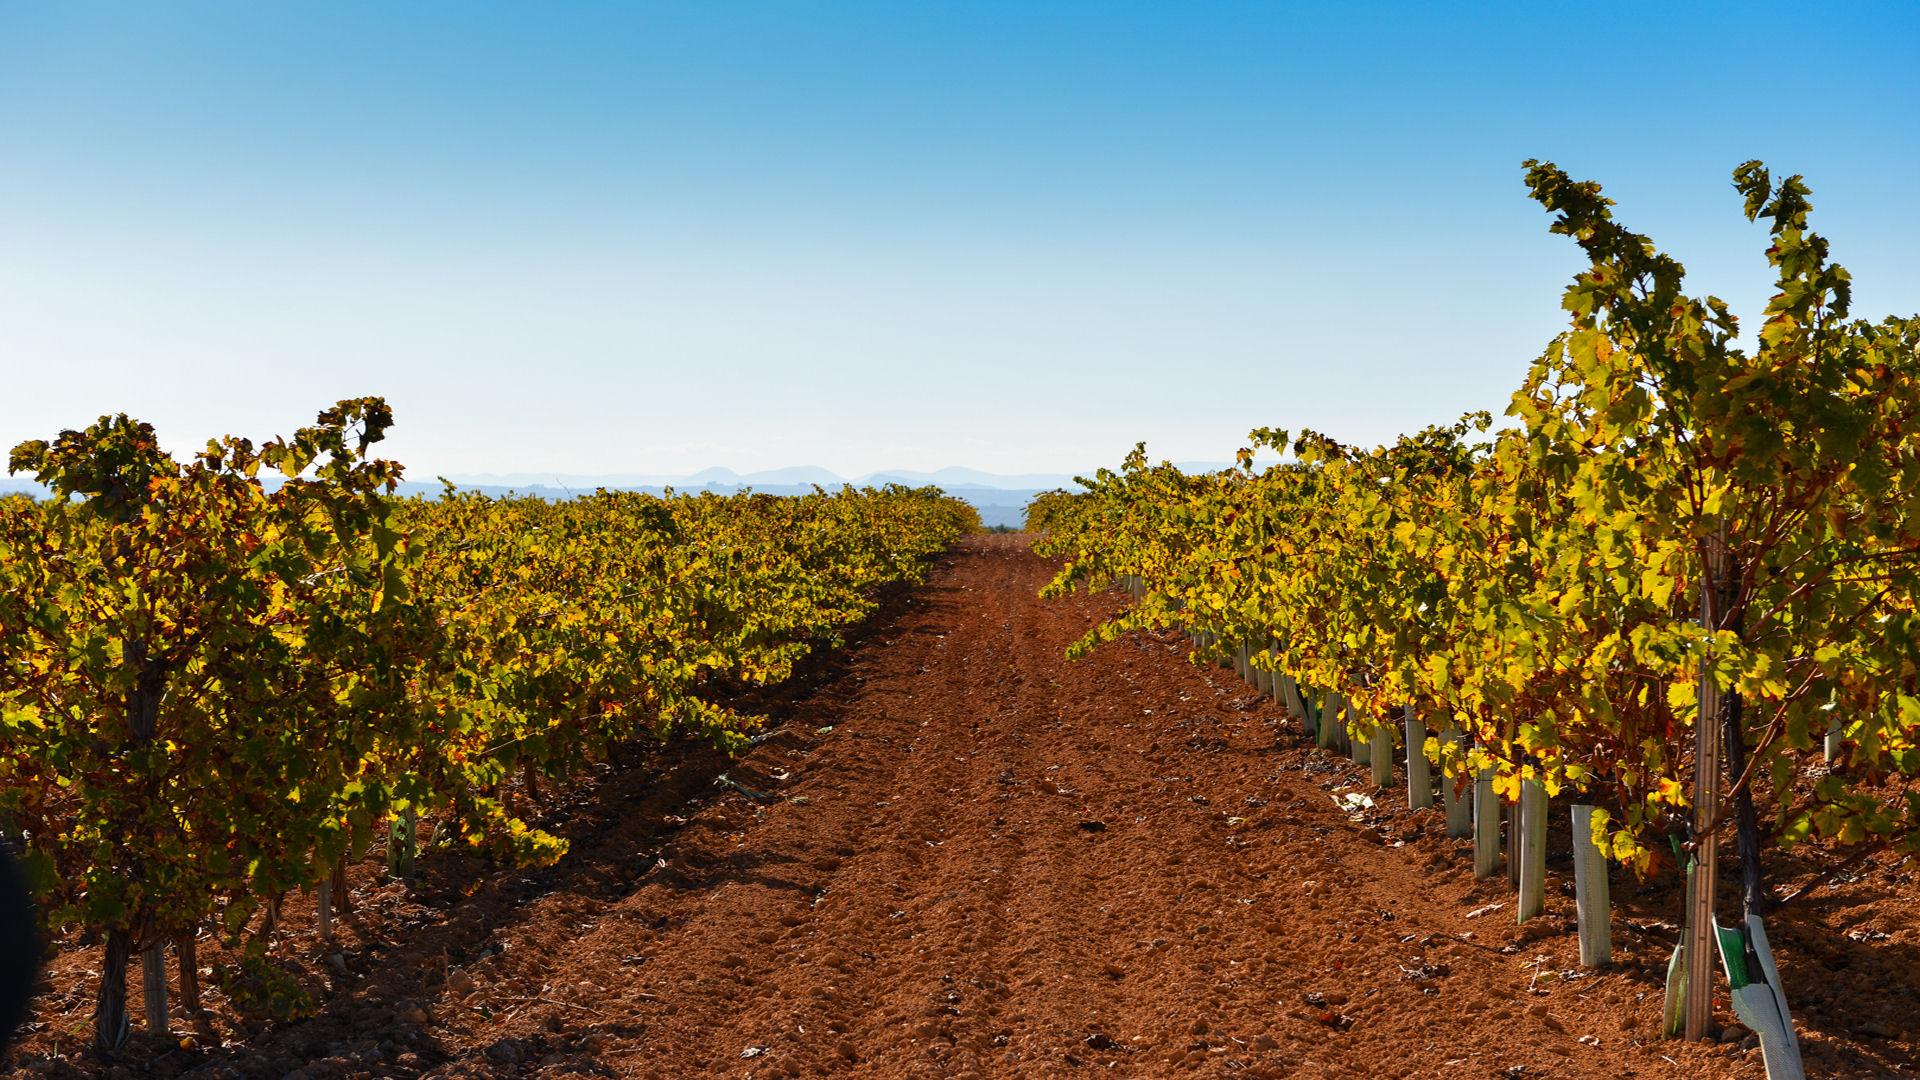 cortijo with vineyard in cordoba